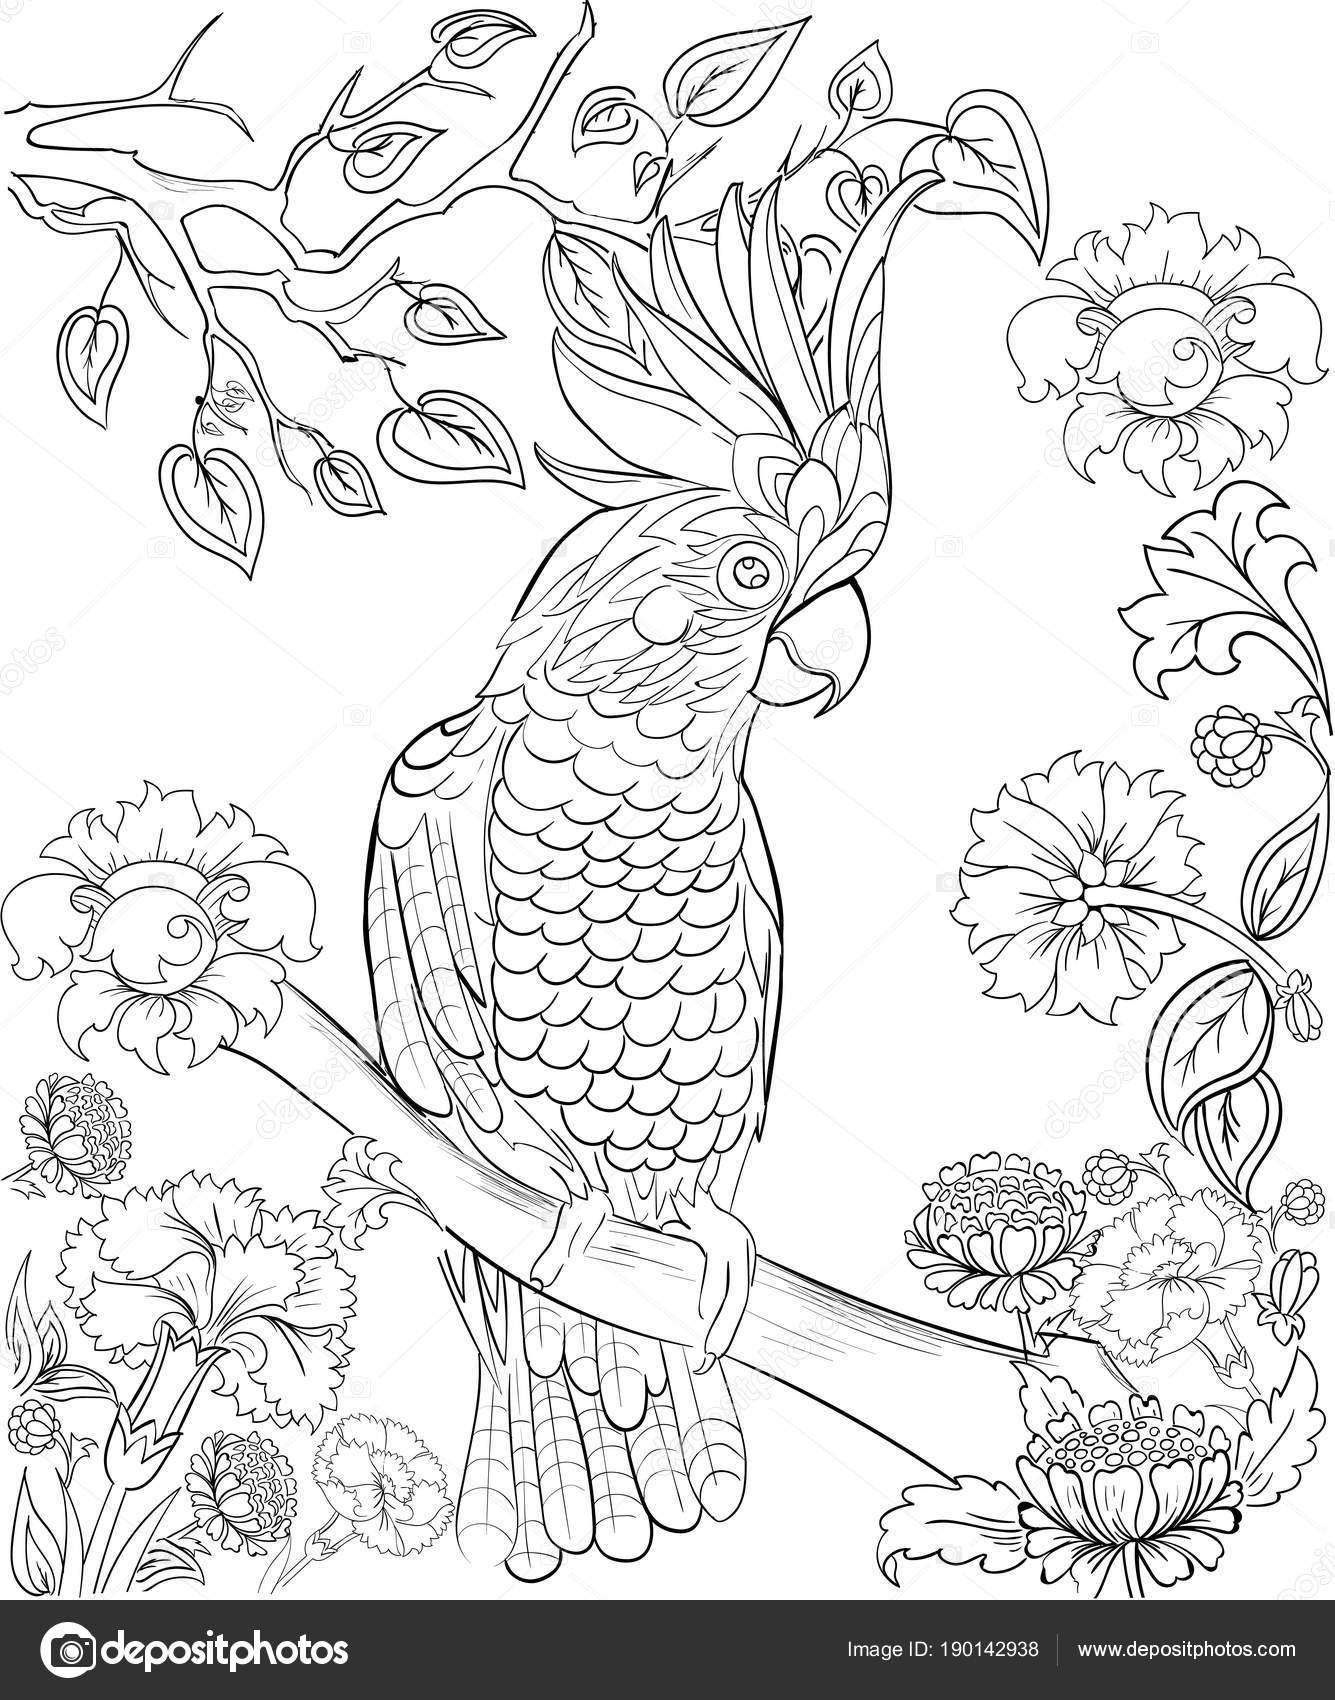 Kleurplaten Volwassenen Papegaai.Kaketoe Papegaai Voor Coloring Boek Antistress Kleurplaten Voor